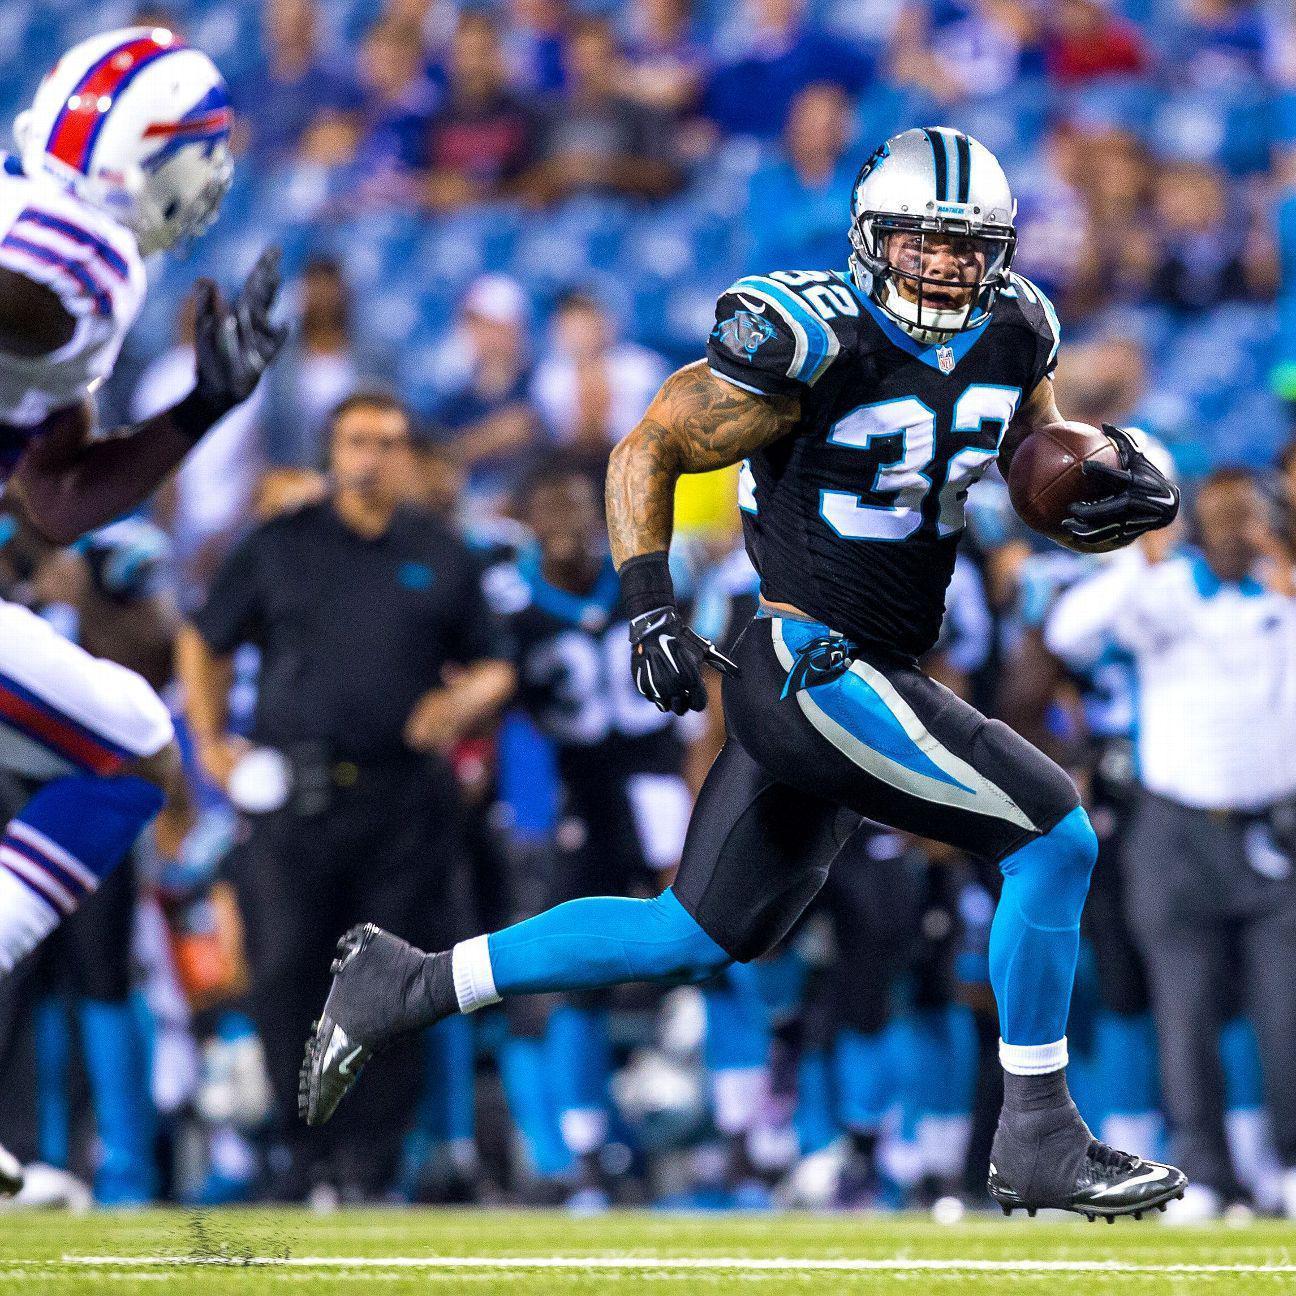 Running back Brandon Wegher beats odds, on Carolina ...